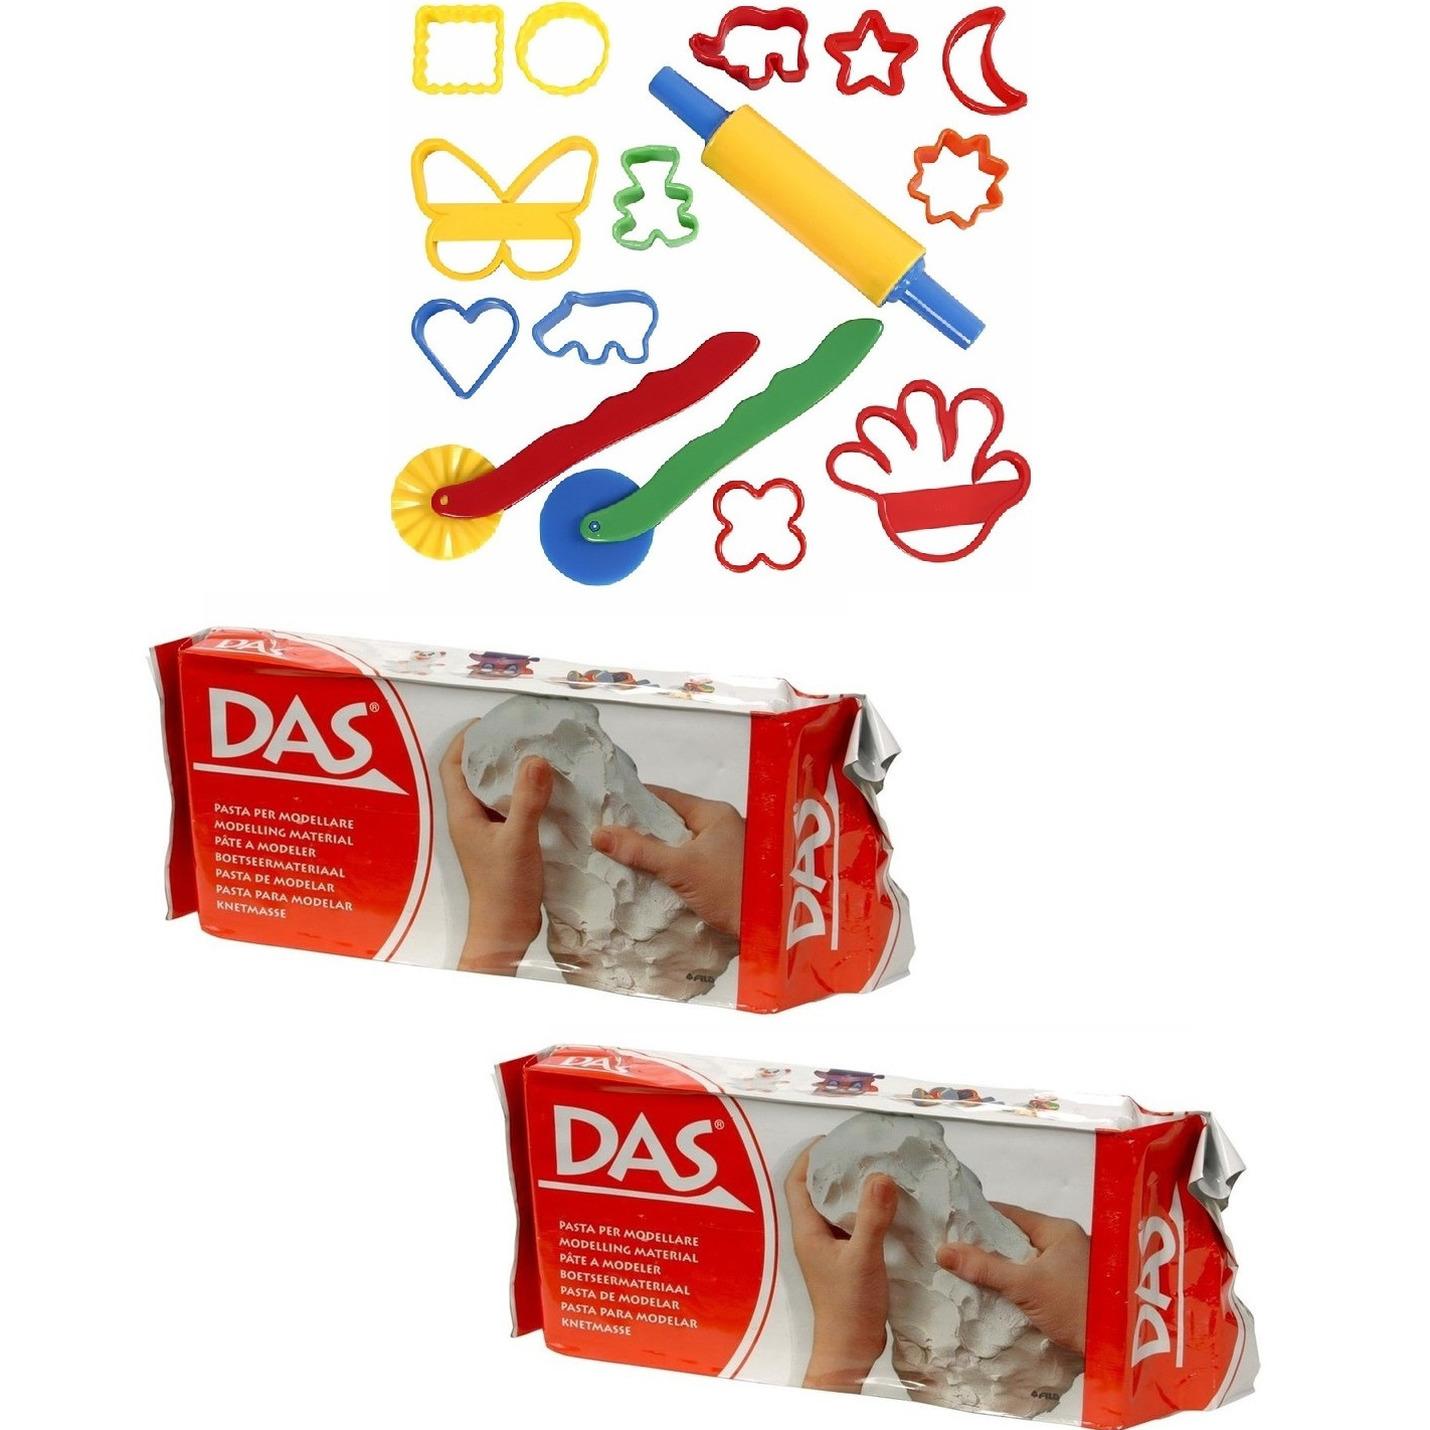 Speelgoed klei combi pakket van 2 kilo witte klei met 15 delige kleivormen set